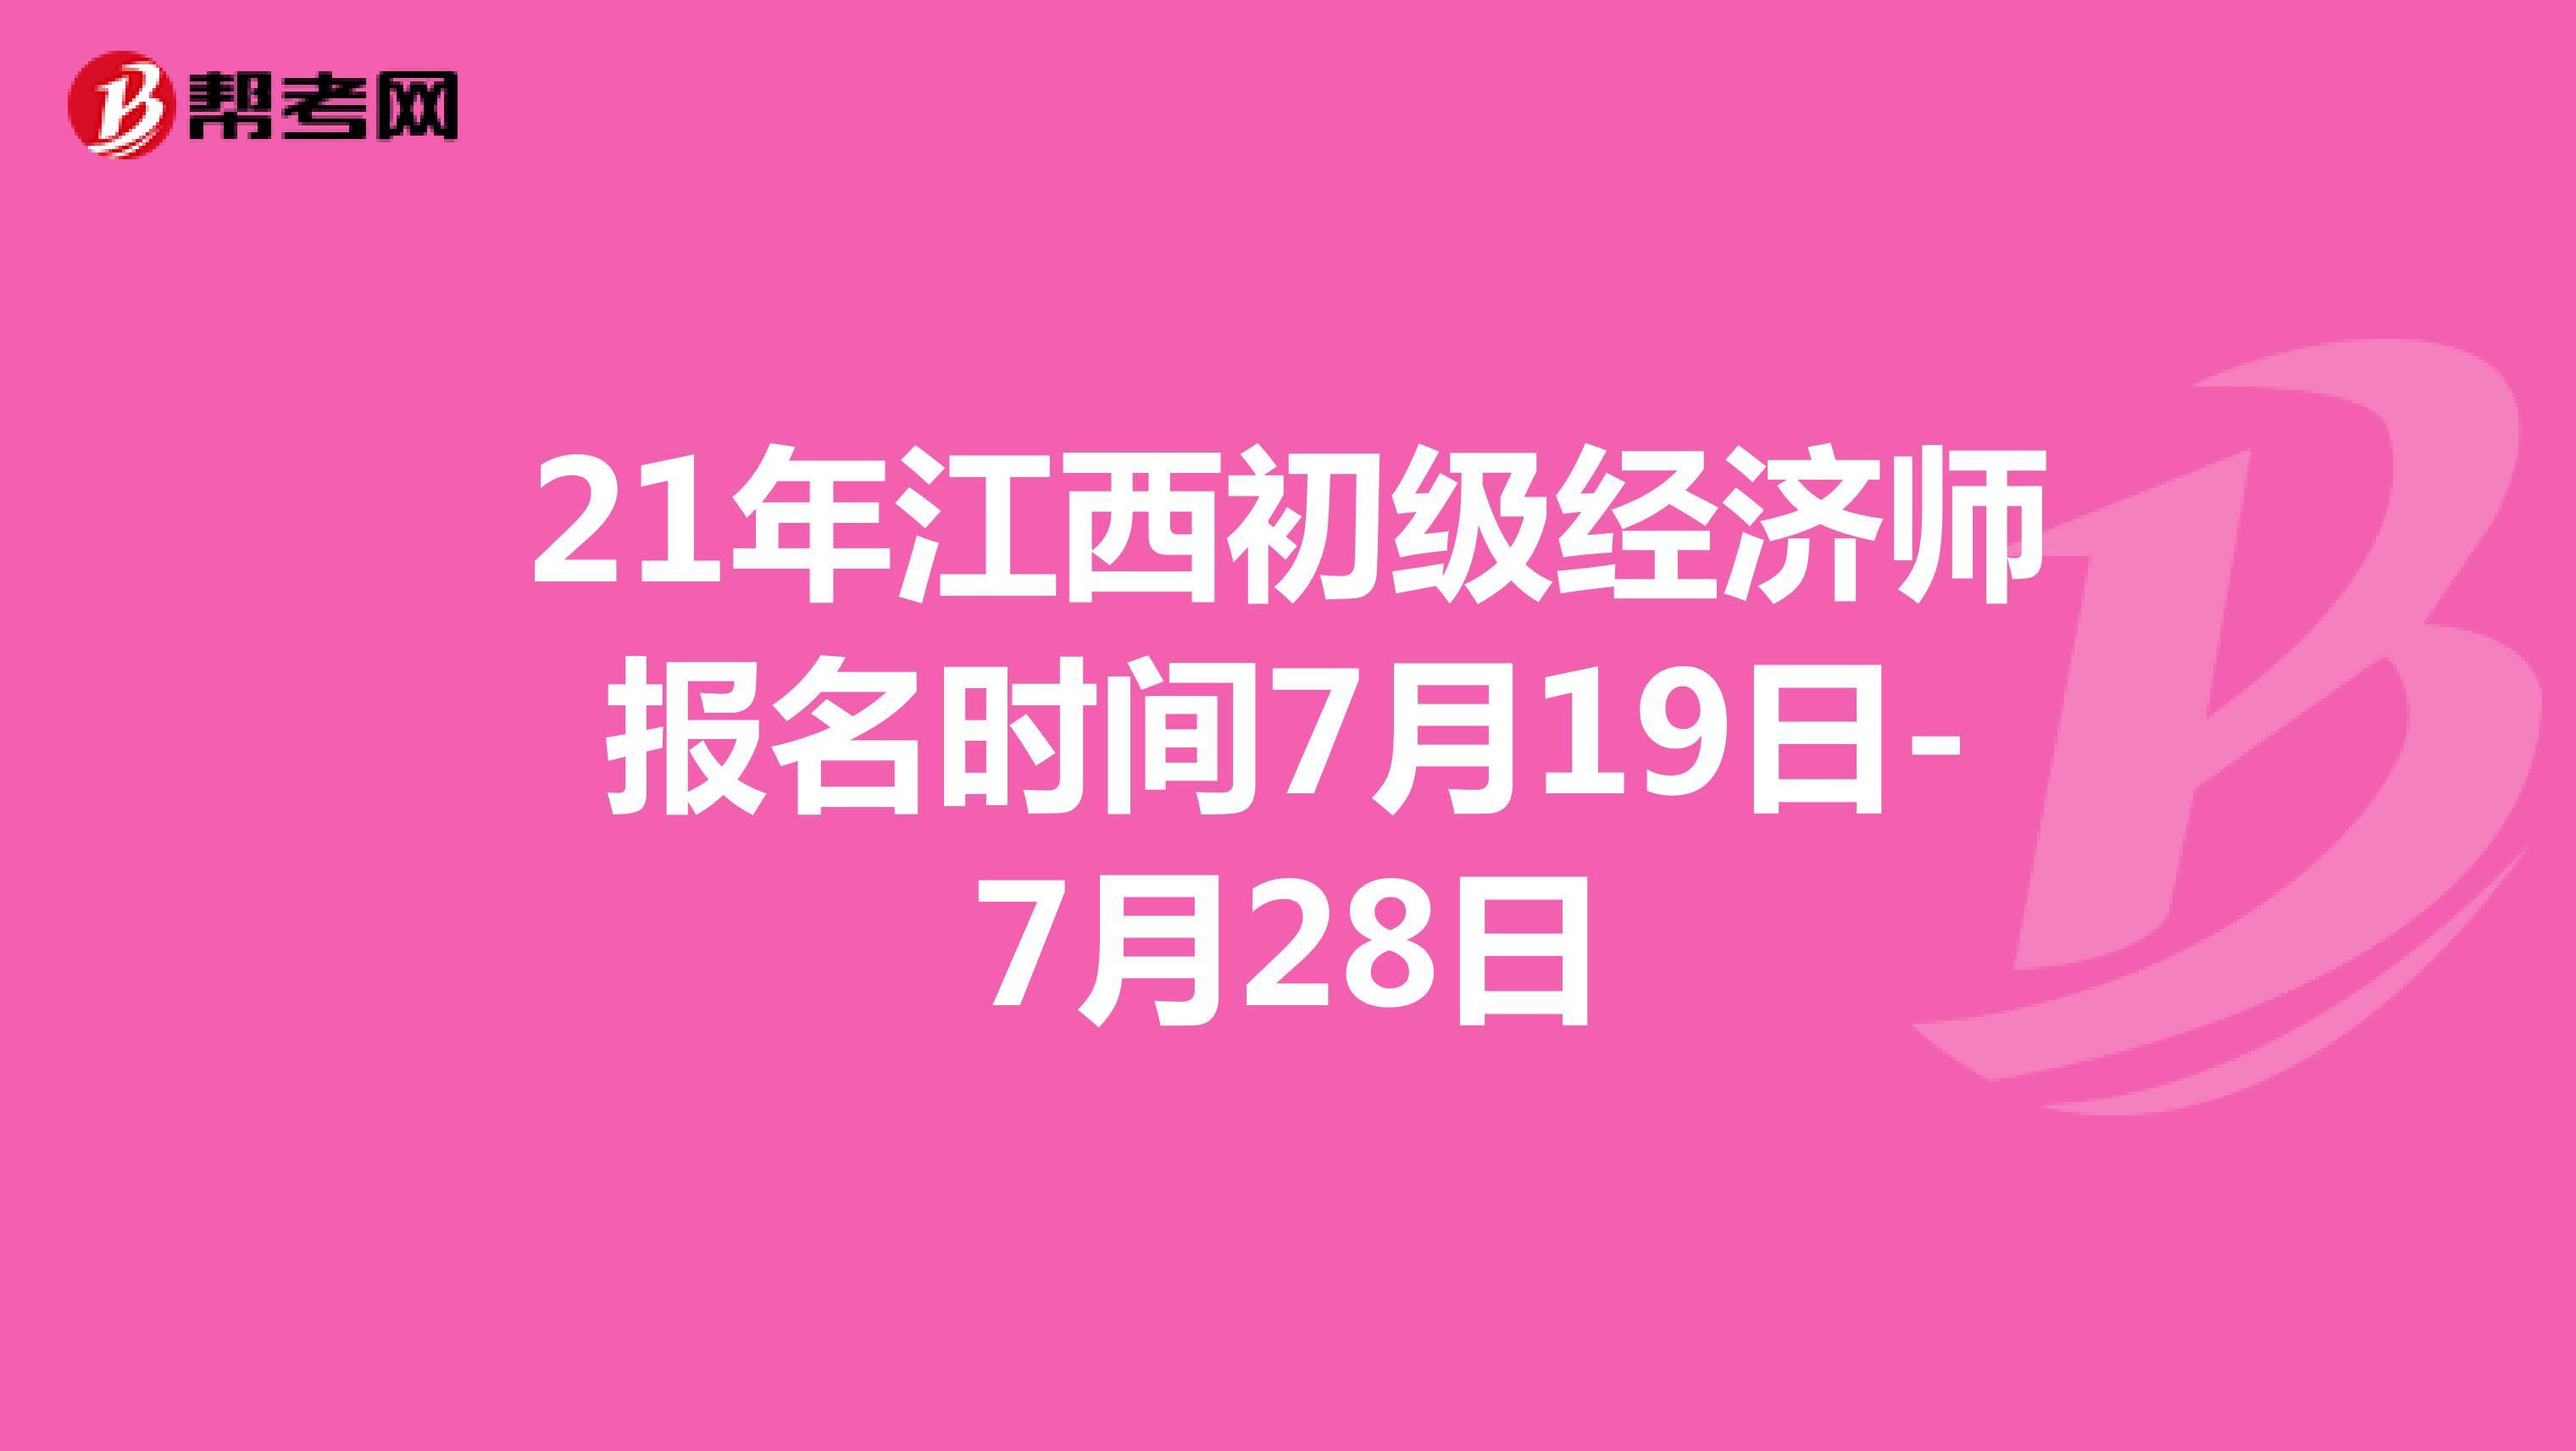 21年江西初级经济师报名时间7月19日-7月28日